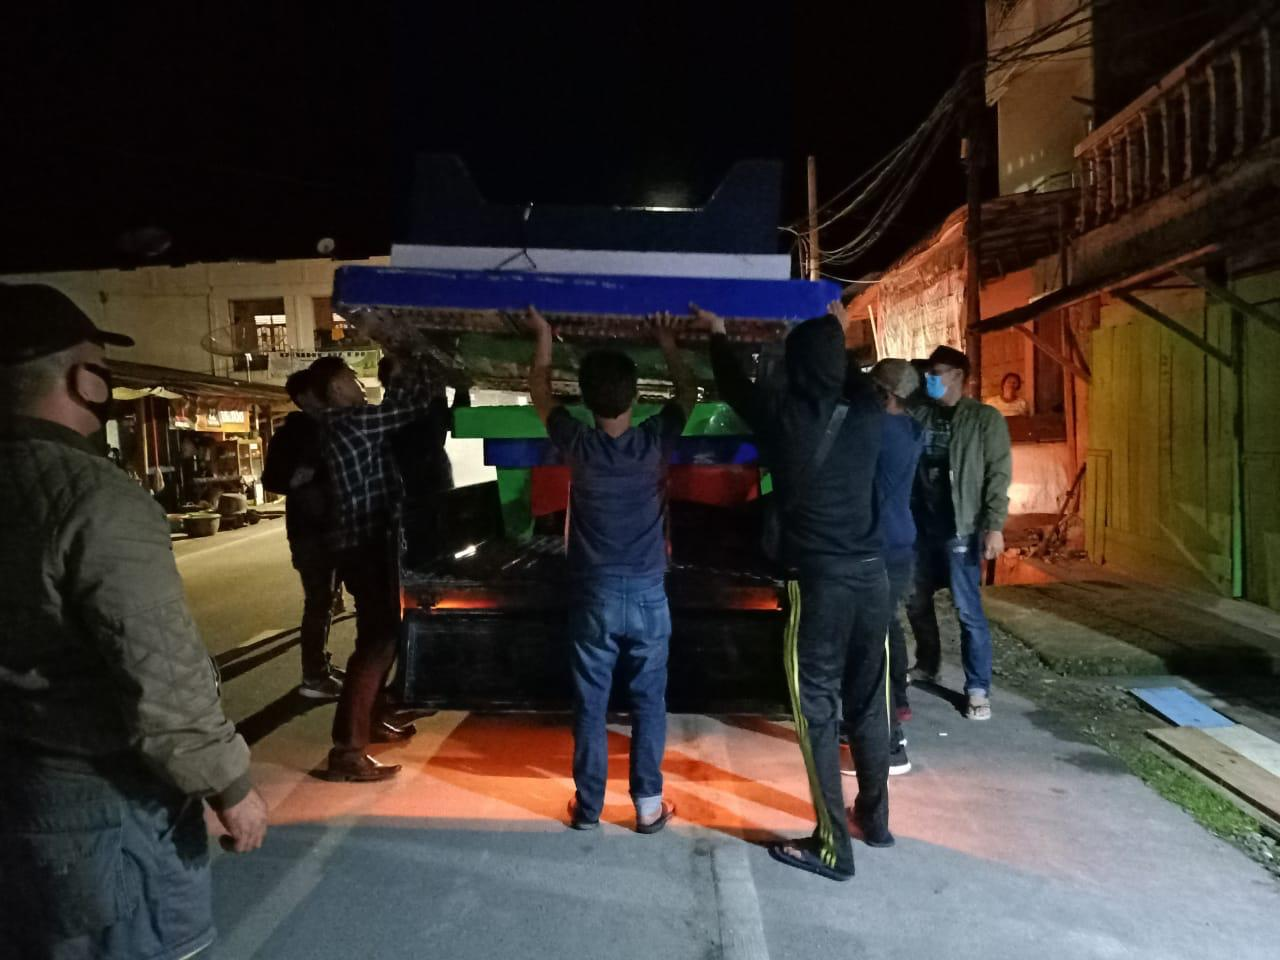 Personel Polres Samosir saat mengamankan barang bukti permainan judi ikan-ikan, Kamis (29/4/2020) malam. Foto: Istimewa